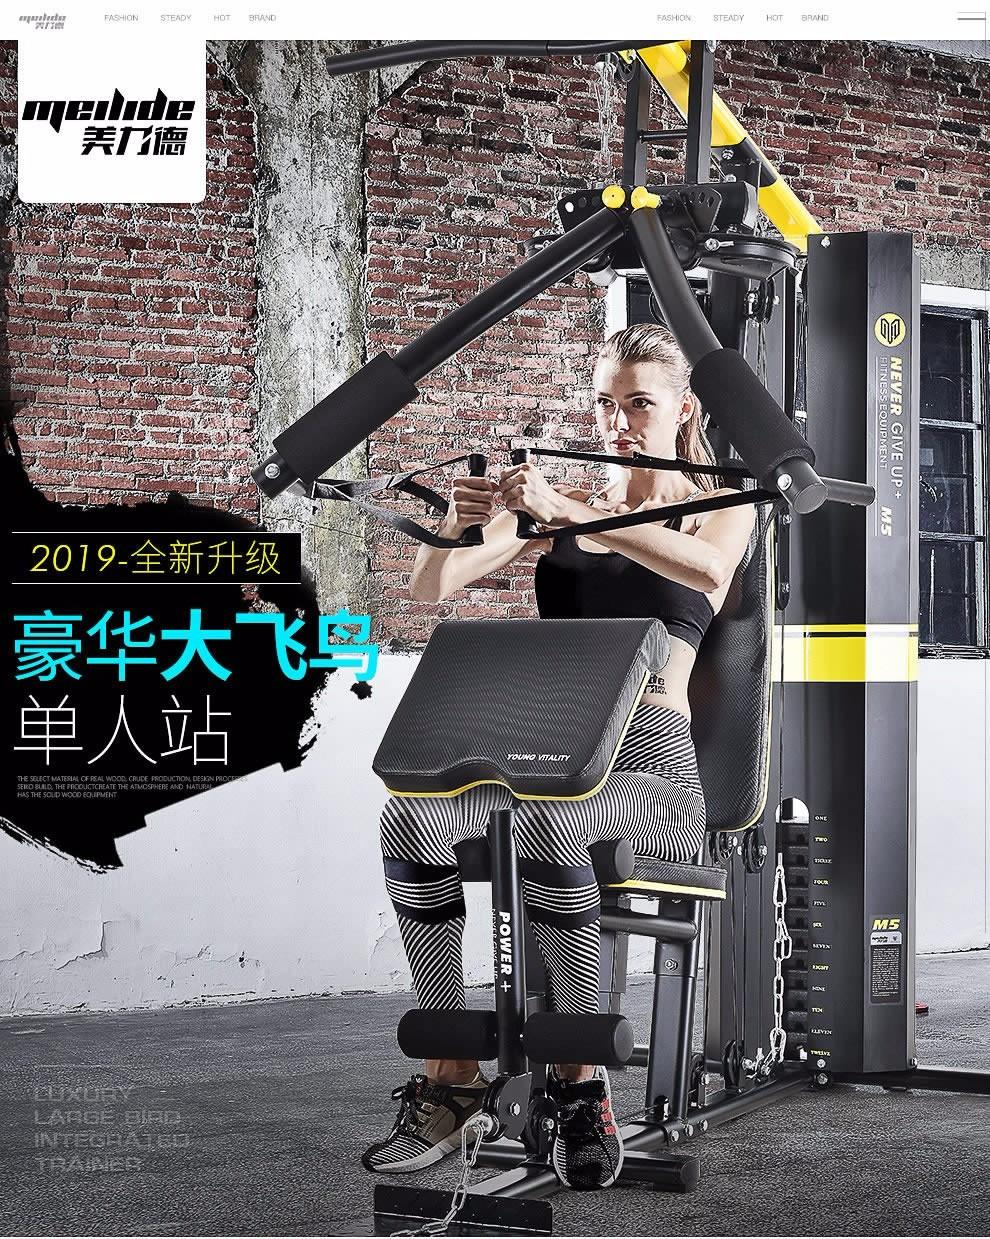 美力德 M5健身器材 飞鸟综合训练器单人站 大型家用多功能力量组合运动器材—包上楼